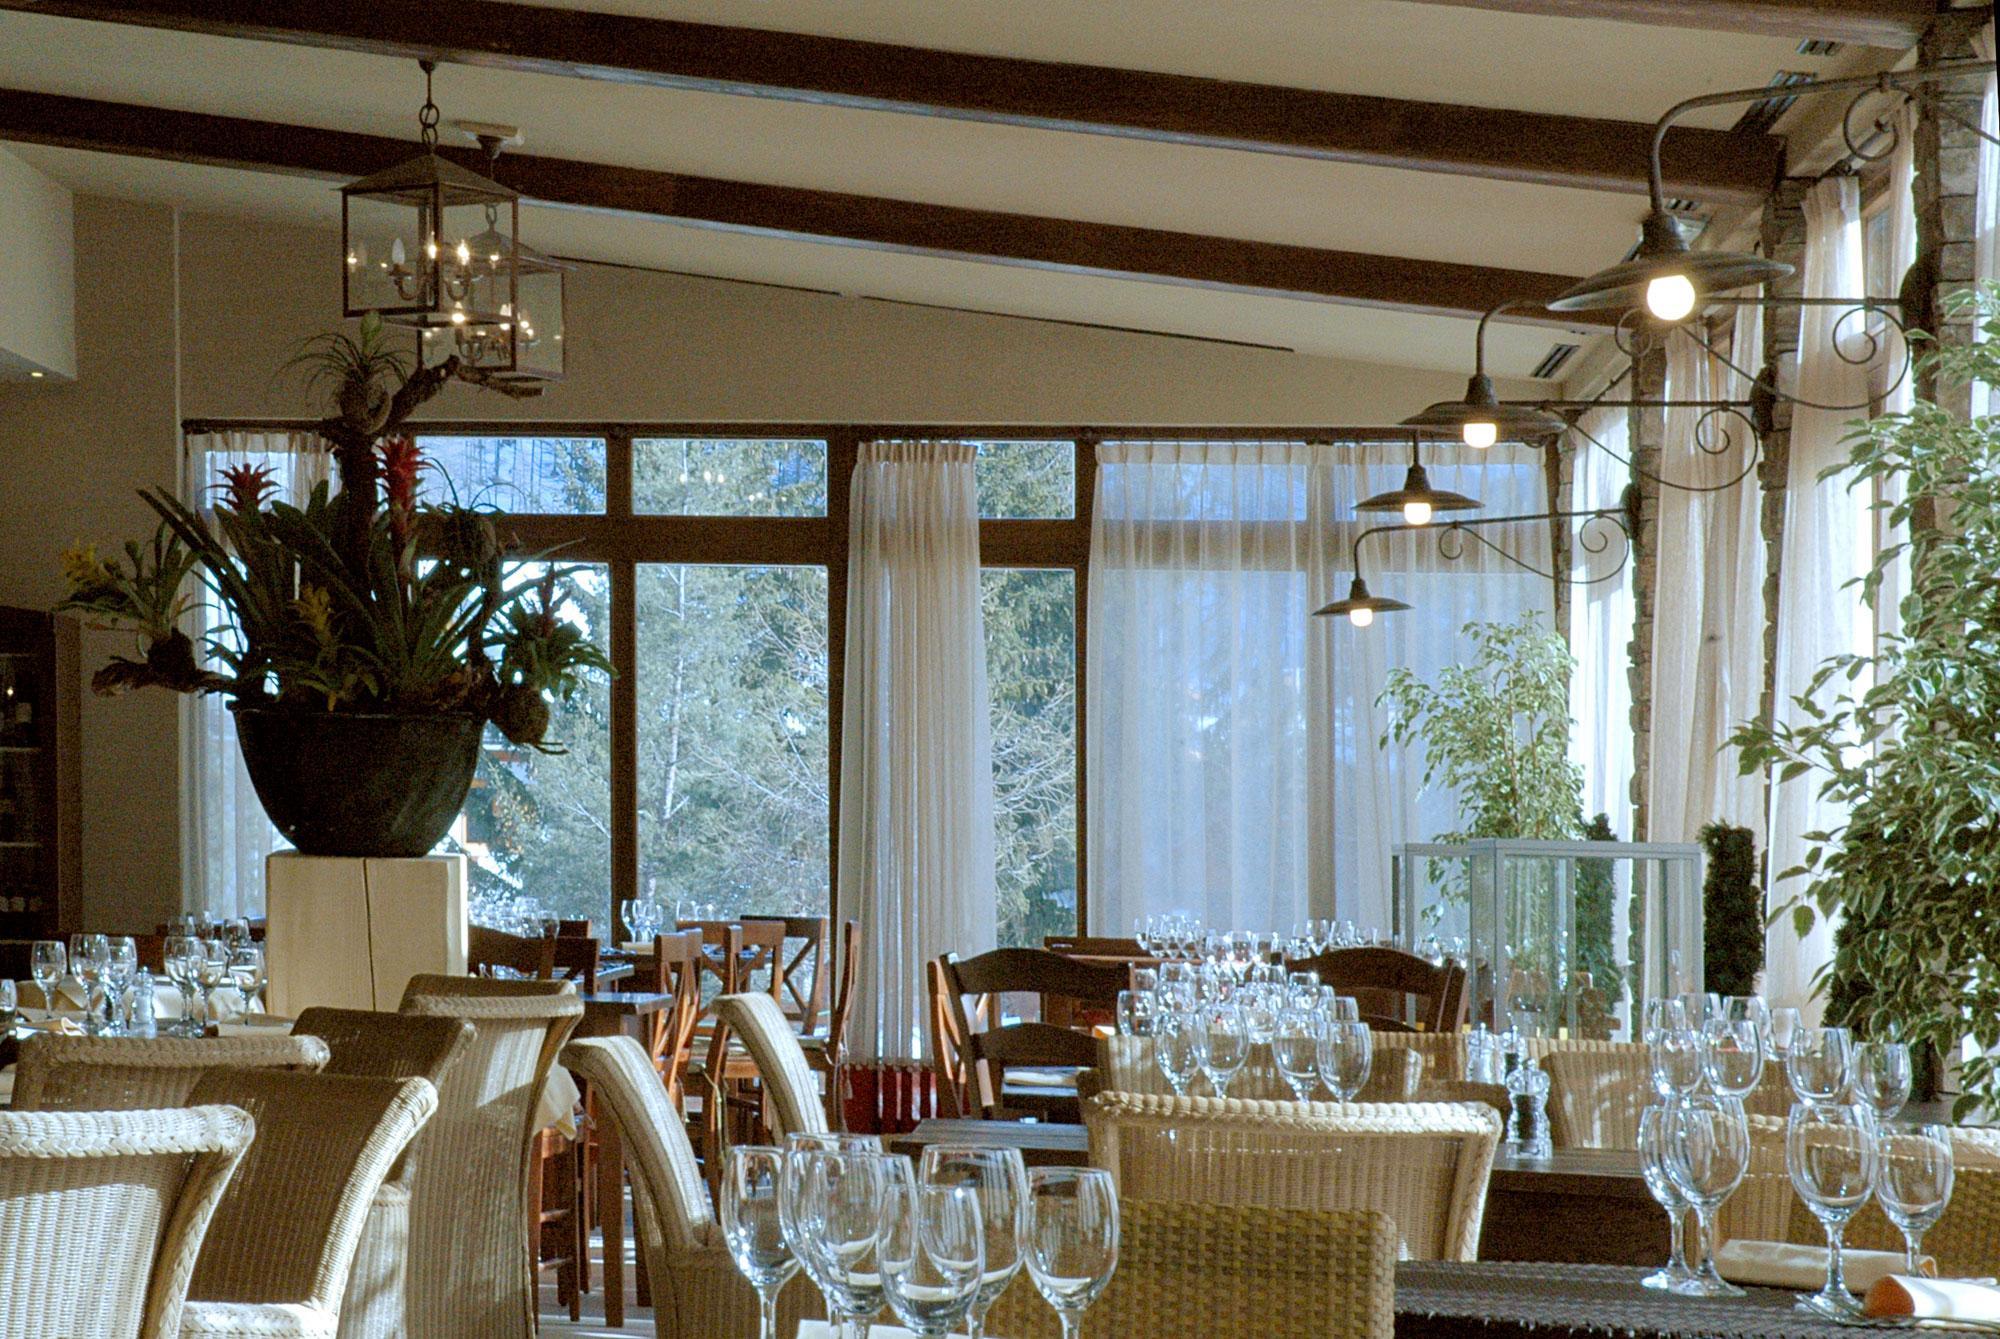 The Giardino D'Iverno Restaurant adjacent to the new ski lift